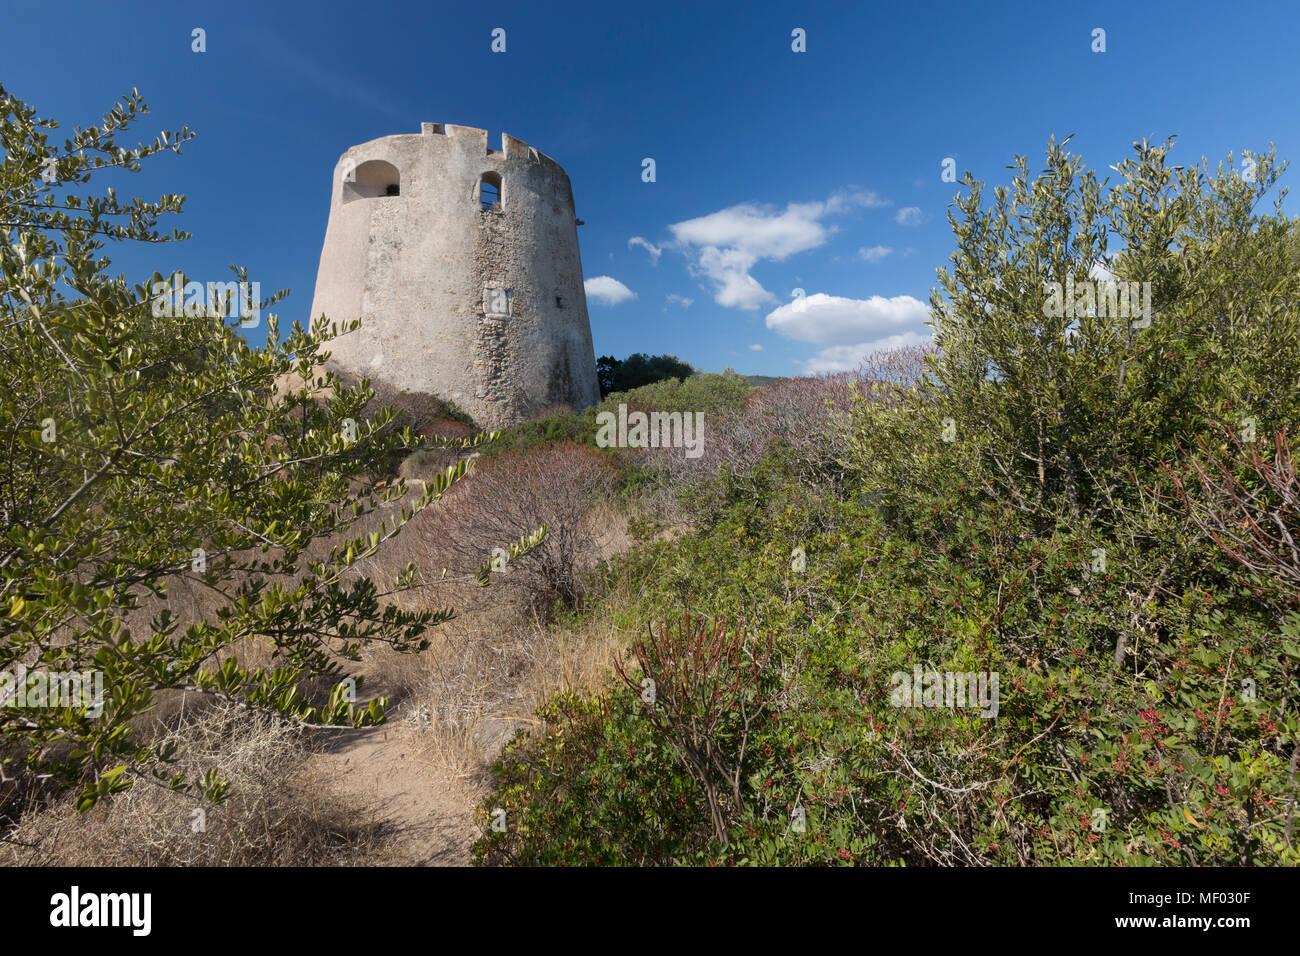 Die Vegetation der Binnenschifffahrt umgibt den Turm Cala Pira Castiadas Cagliari Sardinien Italien Europa Stockbild